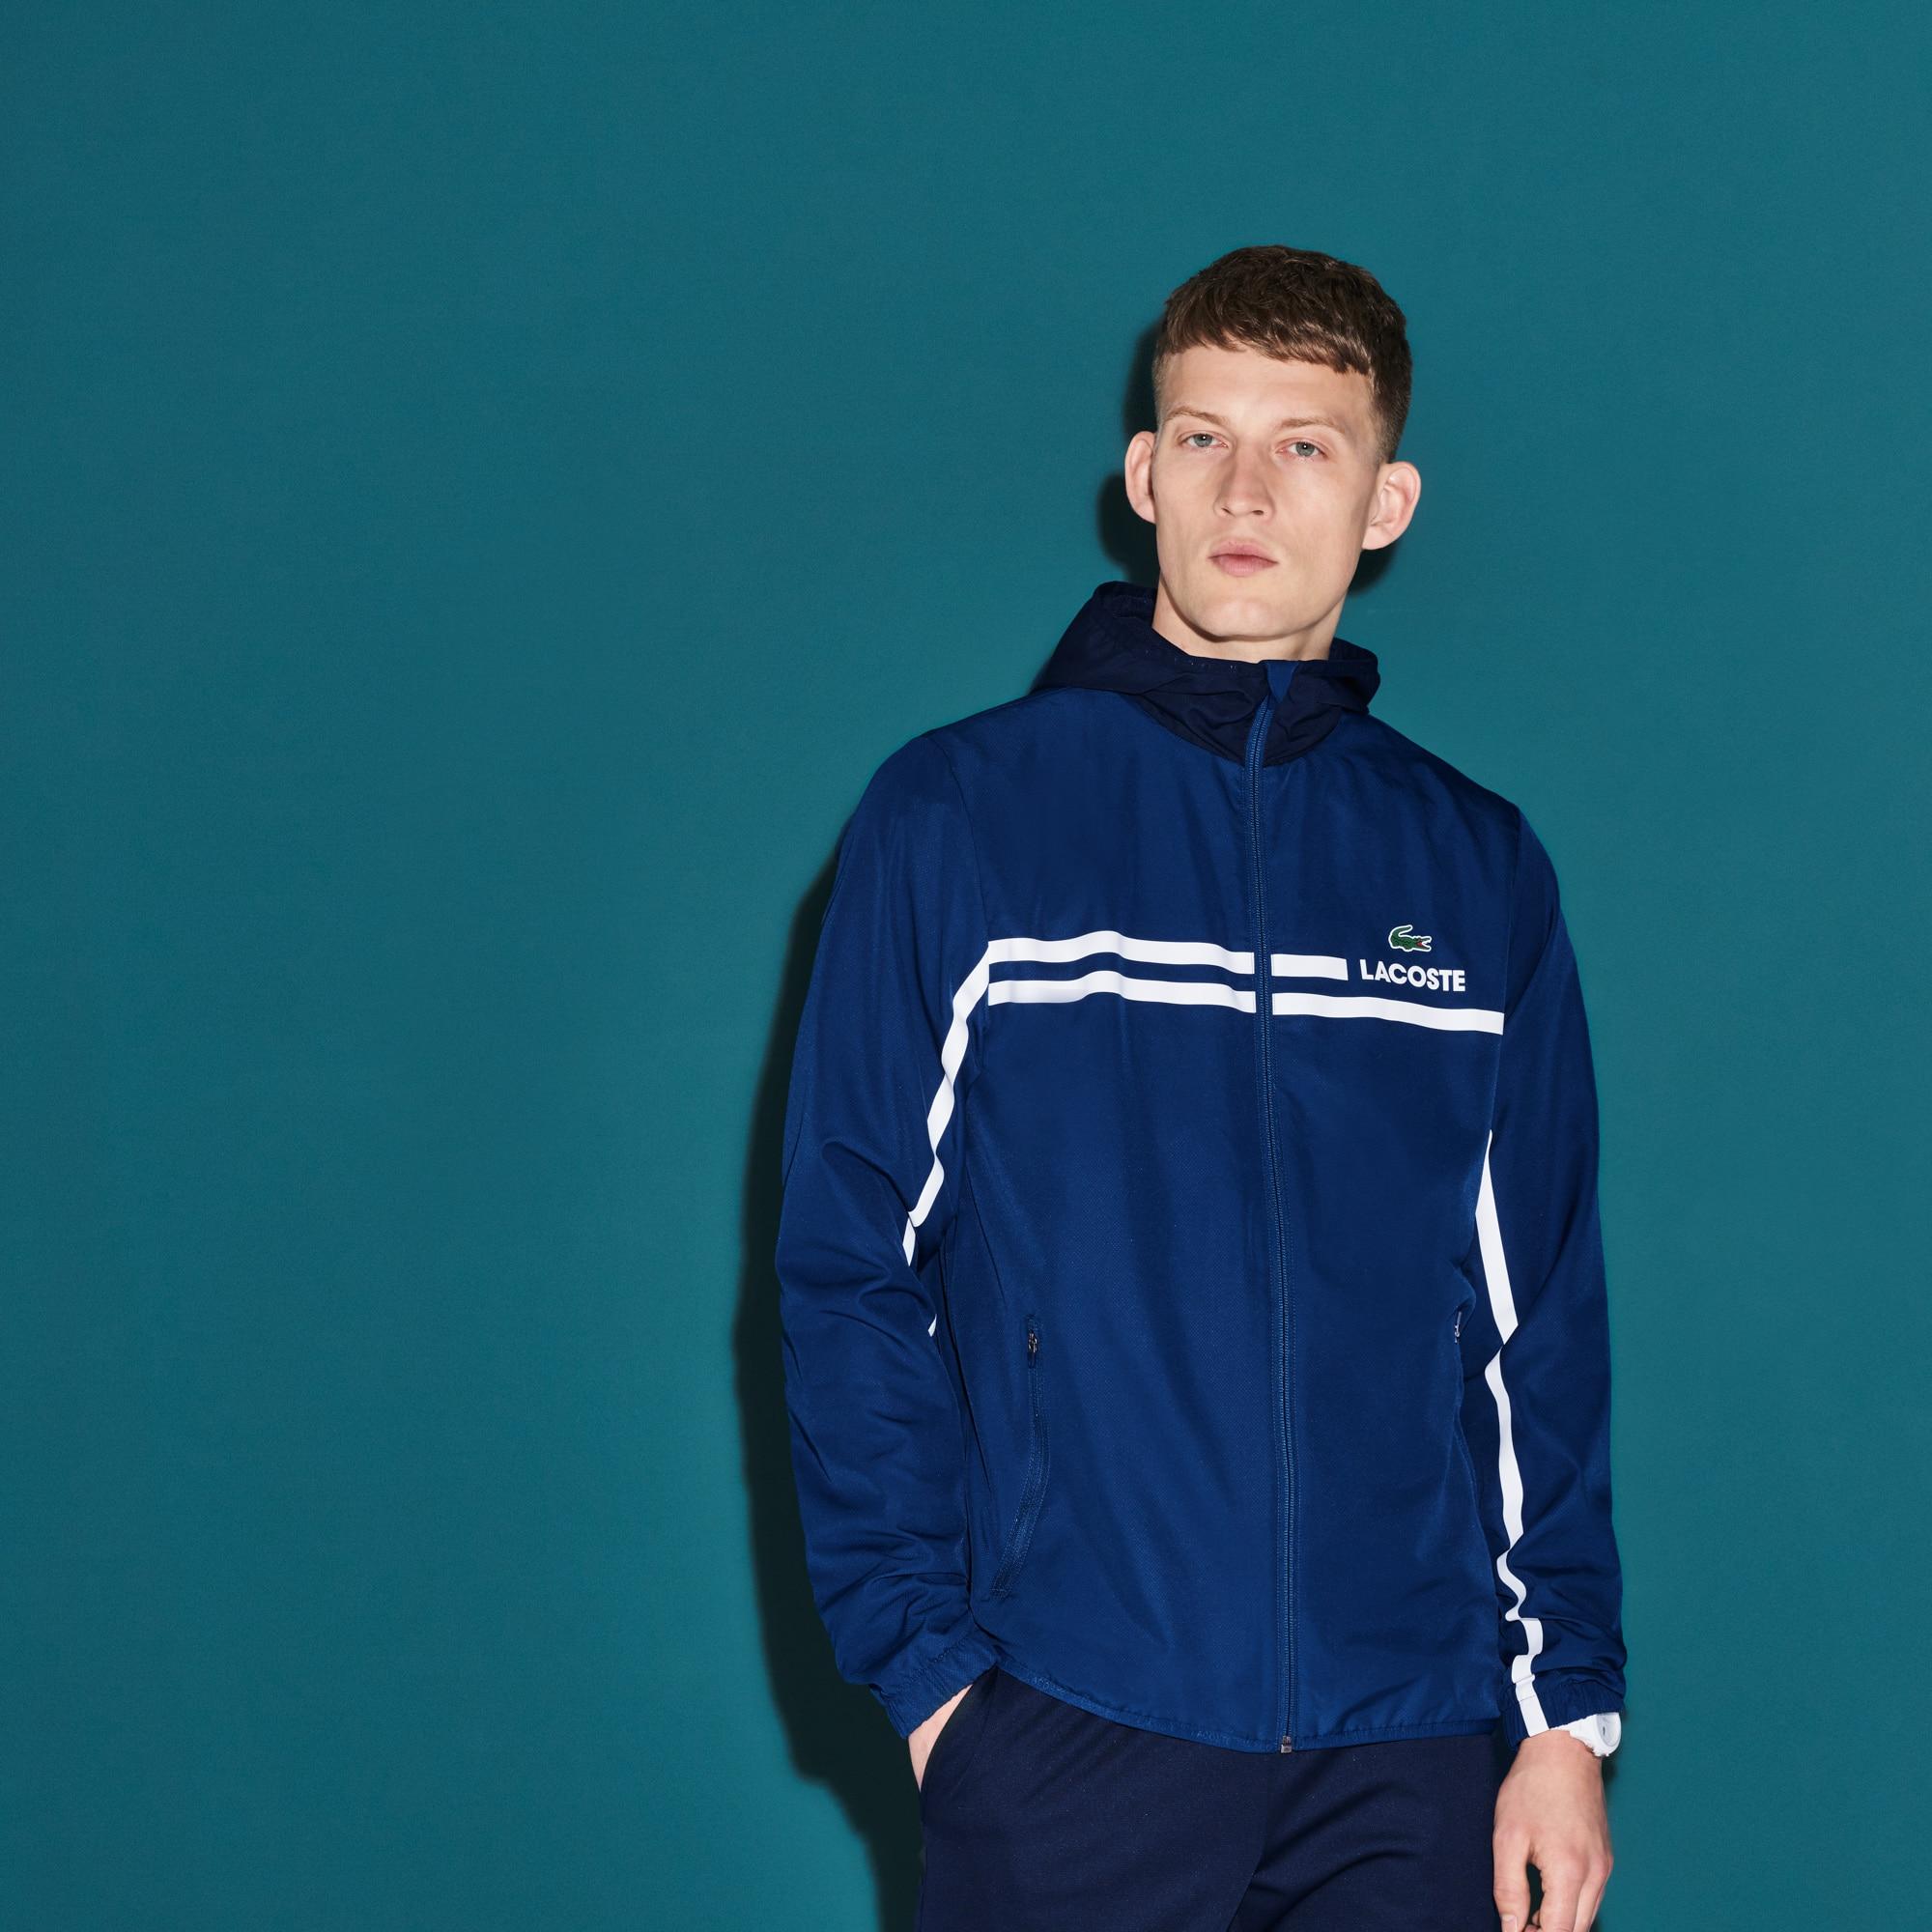 Men's SPORT Mesh Tennis Jacket